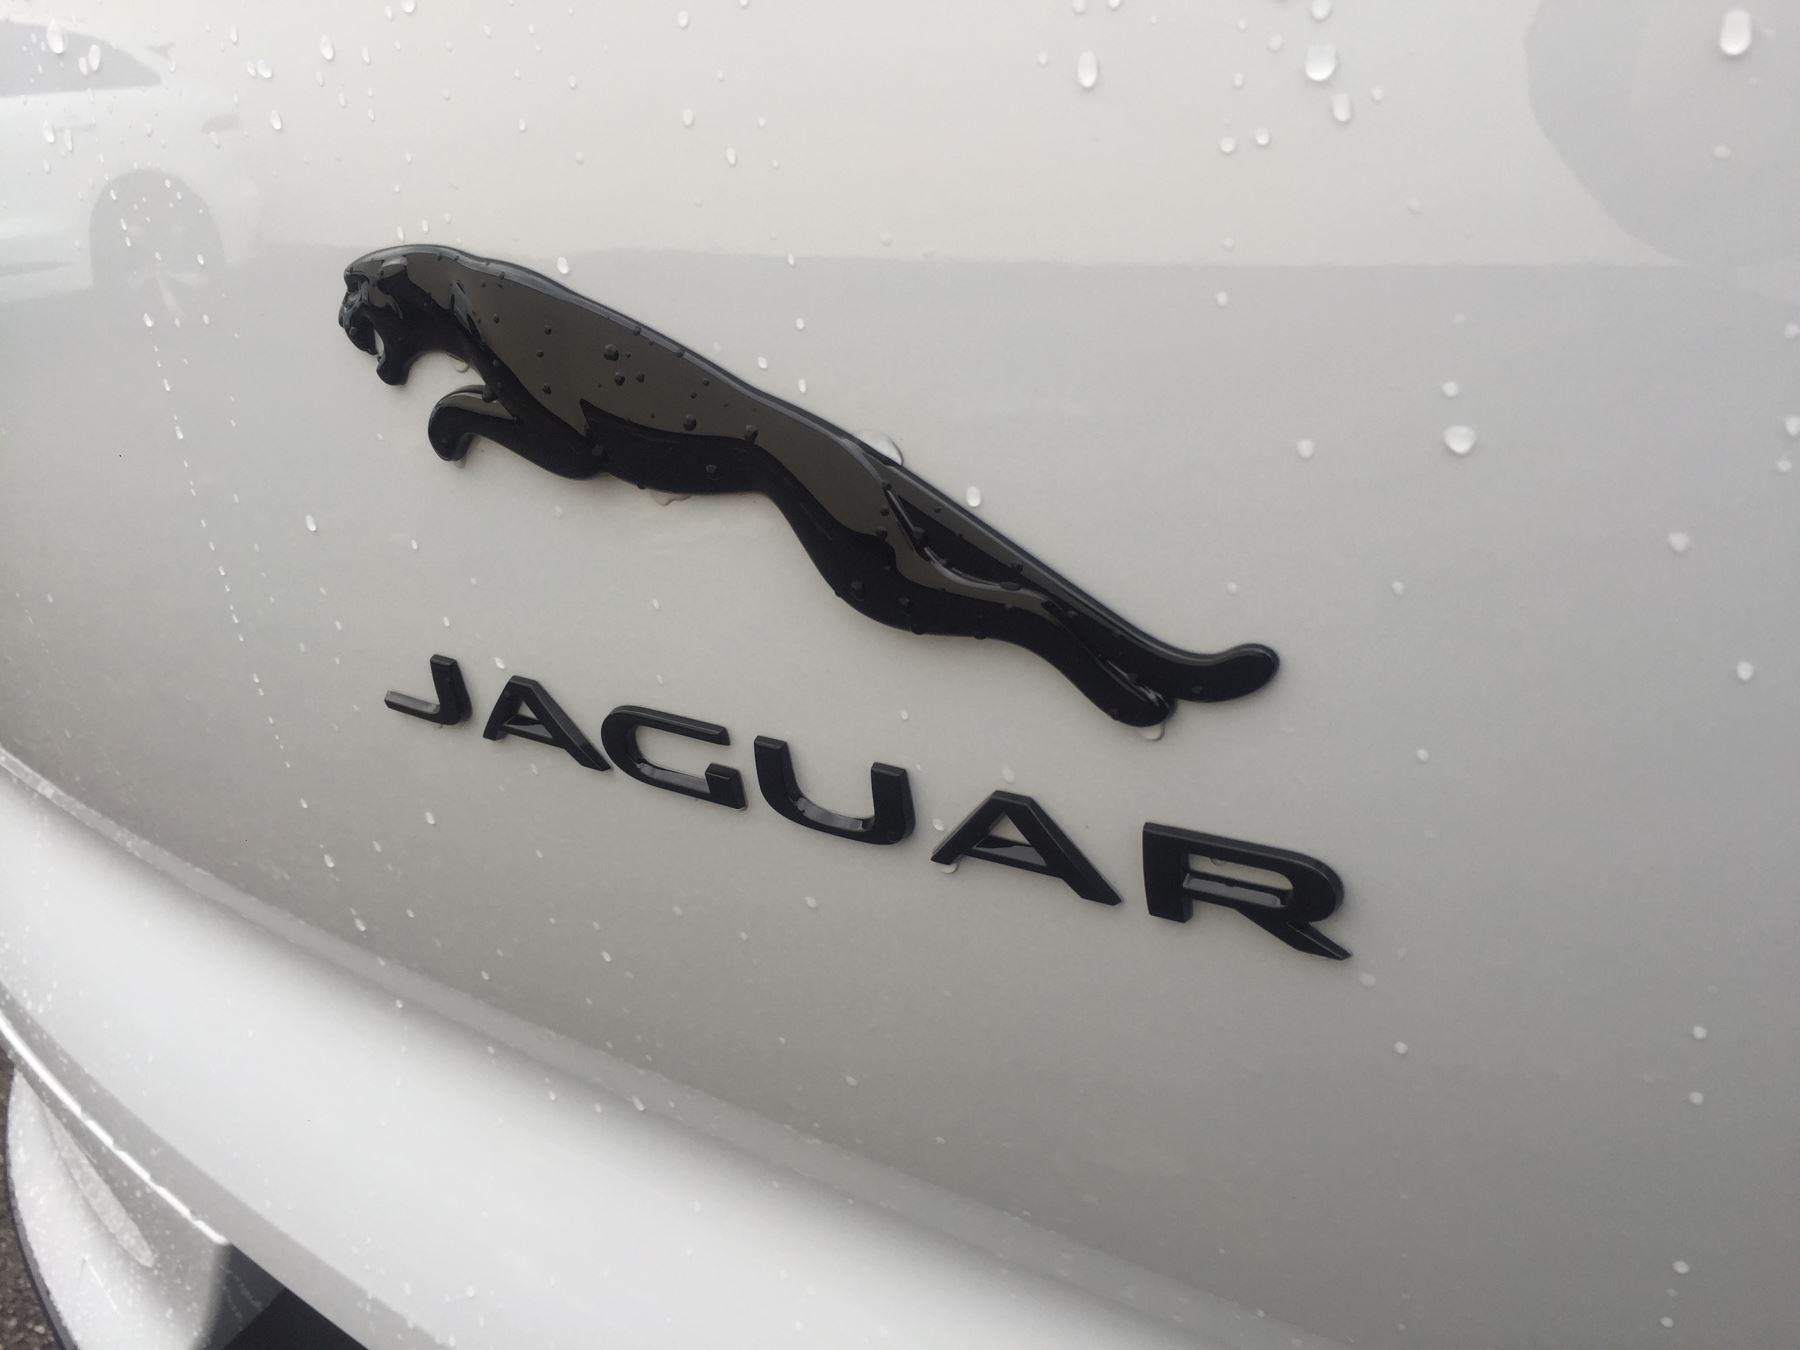 Jaguar I-PACE 90kWh EV400 HSE image 7